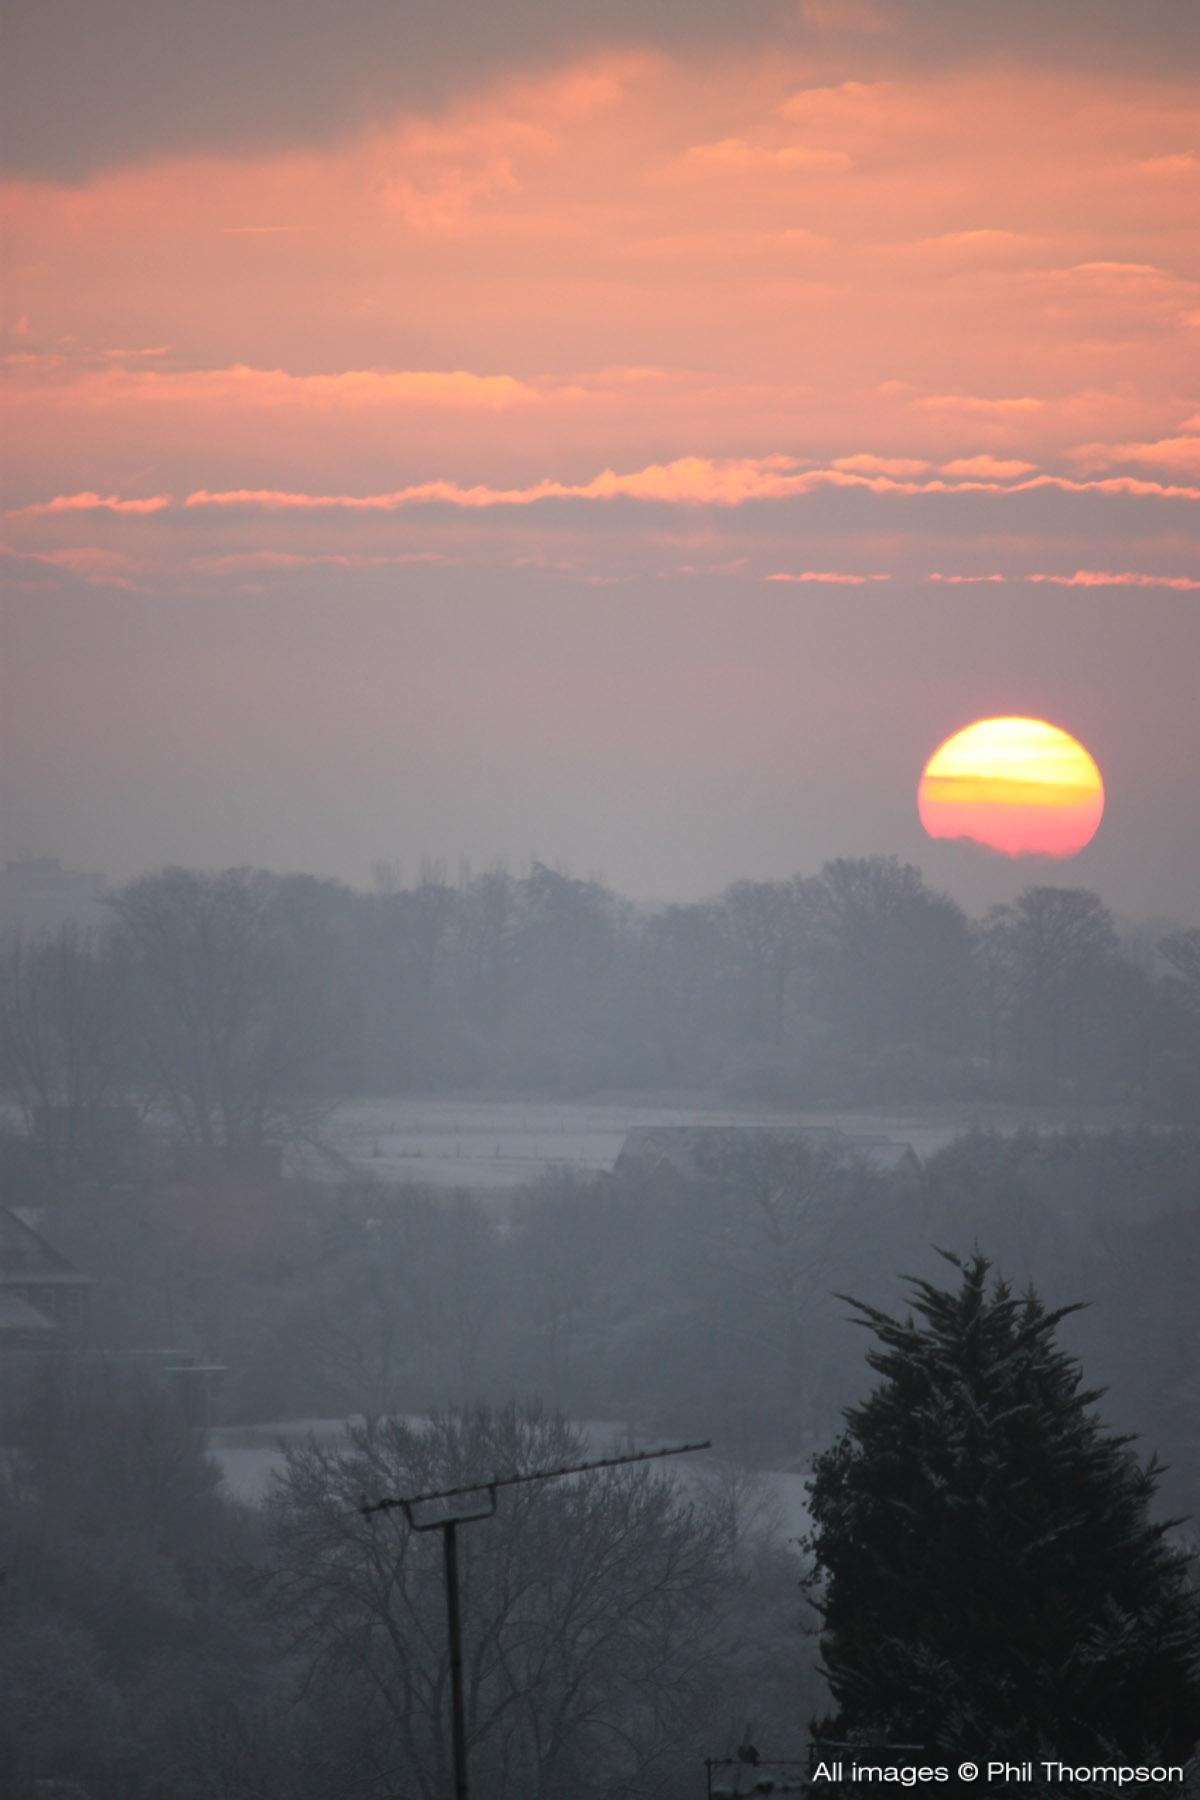 IMG 1615 - Sun, sun, sun here it comes